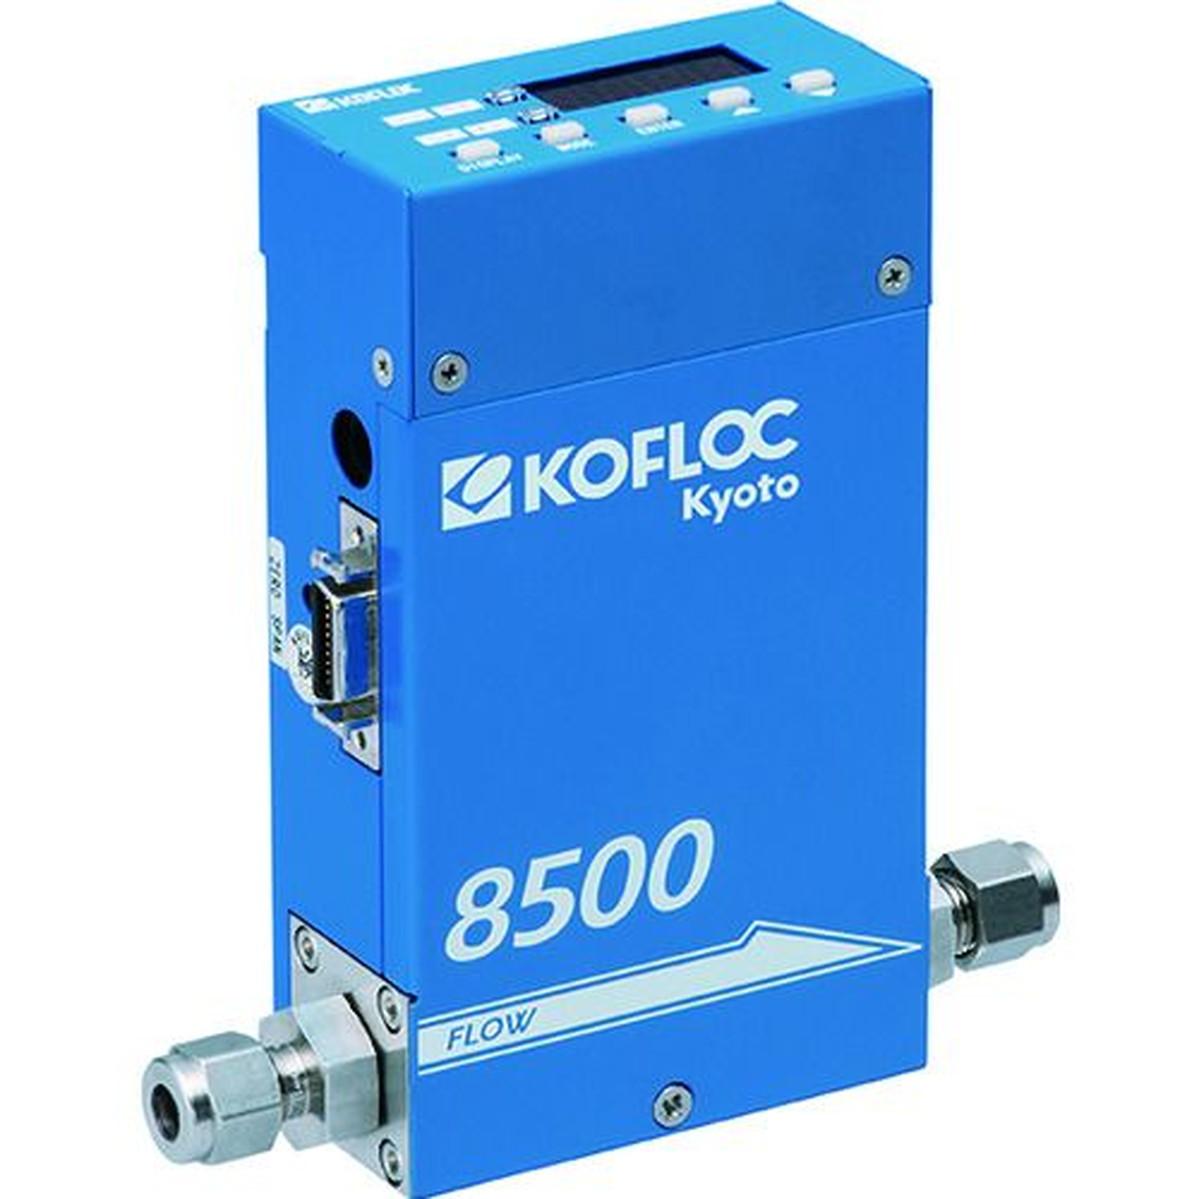 【驚きの値段で】 コフロック コフロック 表示器付マスフローコントローラ/メータ 8500MC-2-3 1個, 今別町:3b532ad9 --- heathtax.com